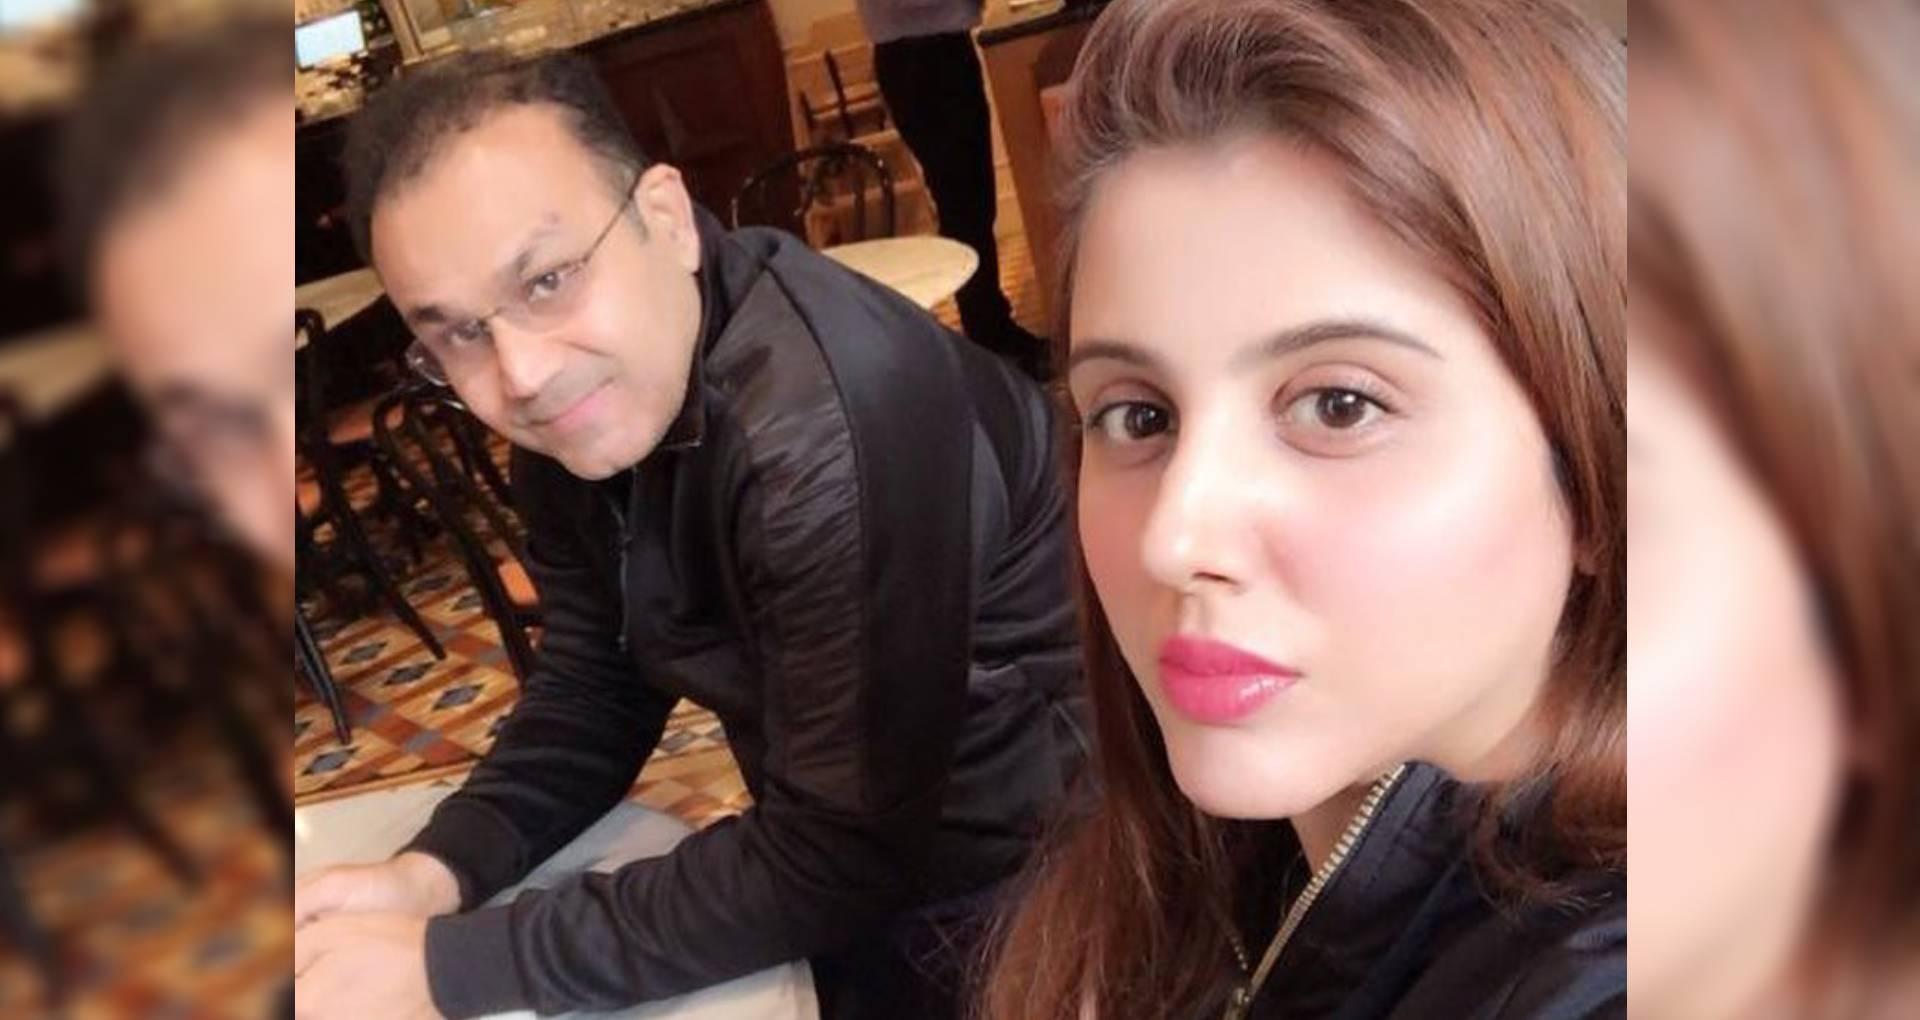 वीरेंद्र सहवाग की पत्नी ने बिजनेस पार्टनर के खिलाफ दर्ज करवाई शिकायत, लगाया फर्जी सिग्नेचर कर लोन लेने का आरोप